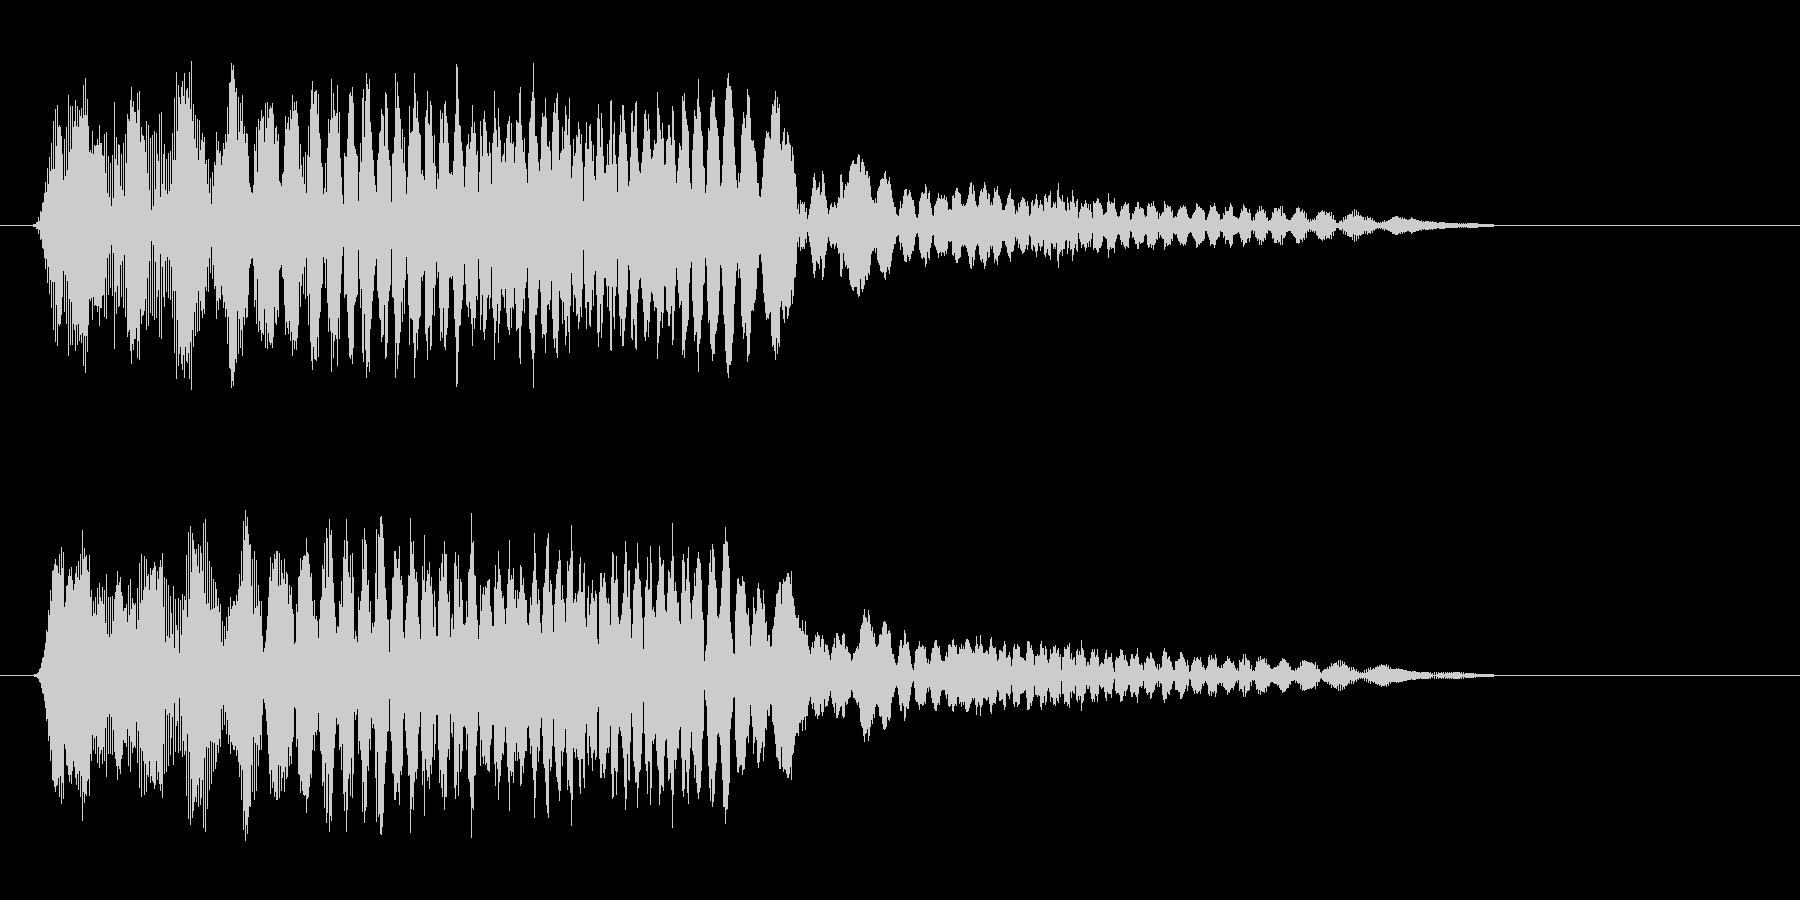 ピユーン(何かの物体が飛ぶ音)の未再生の波形